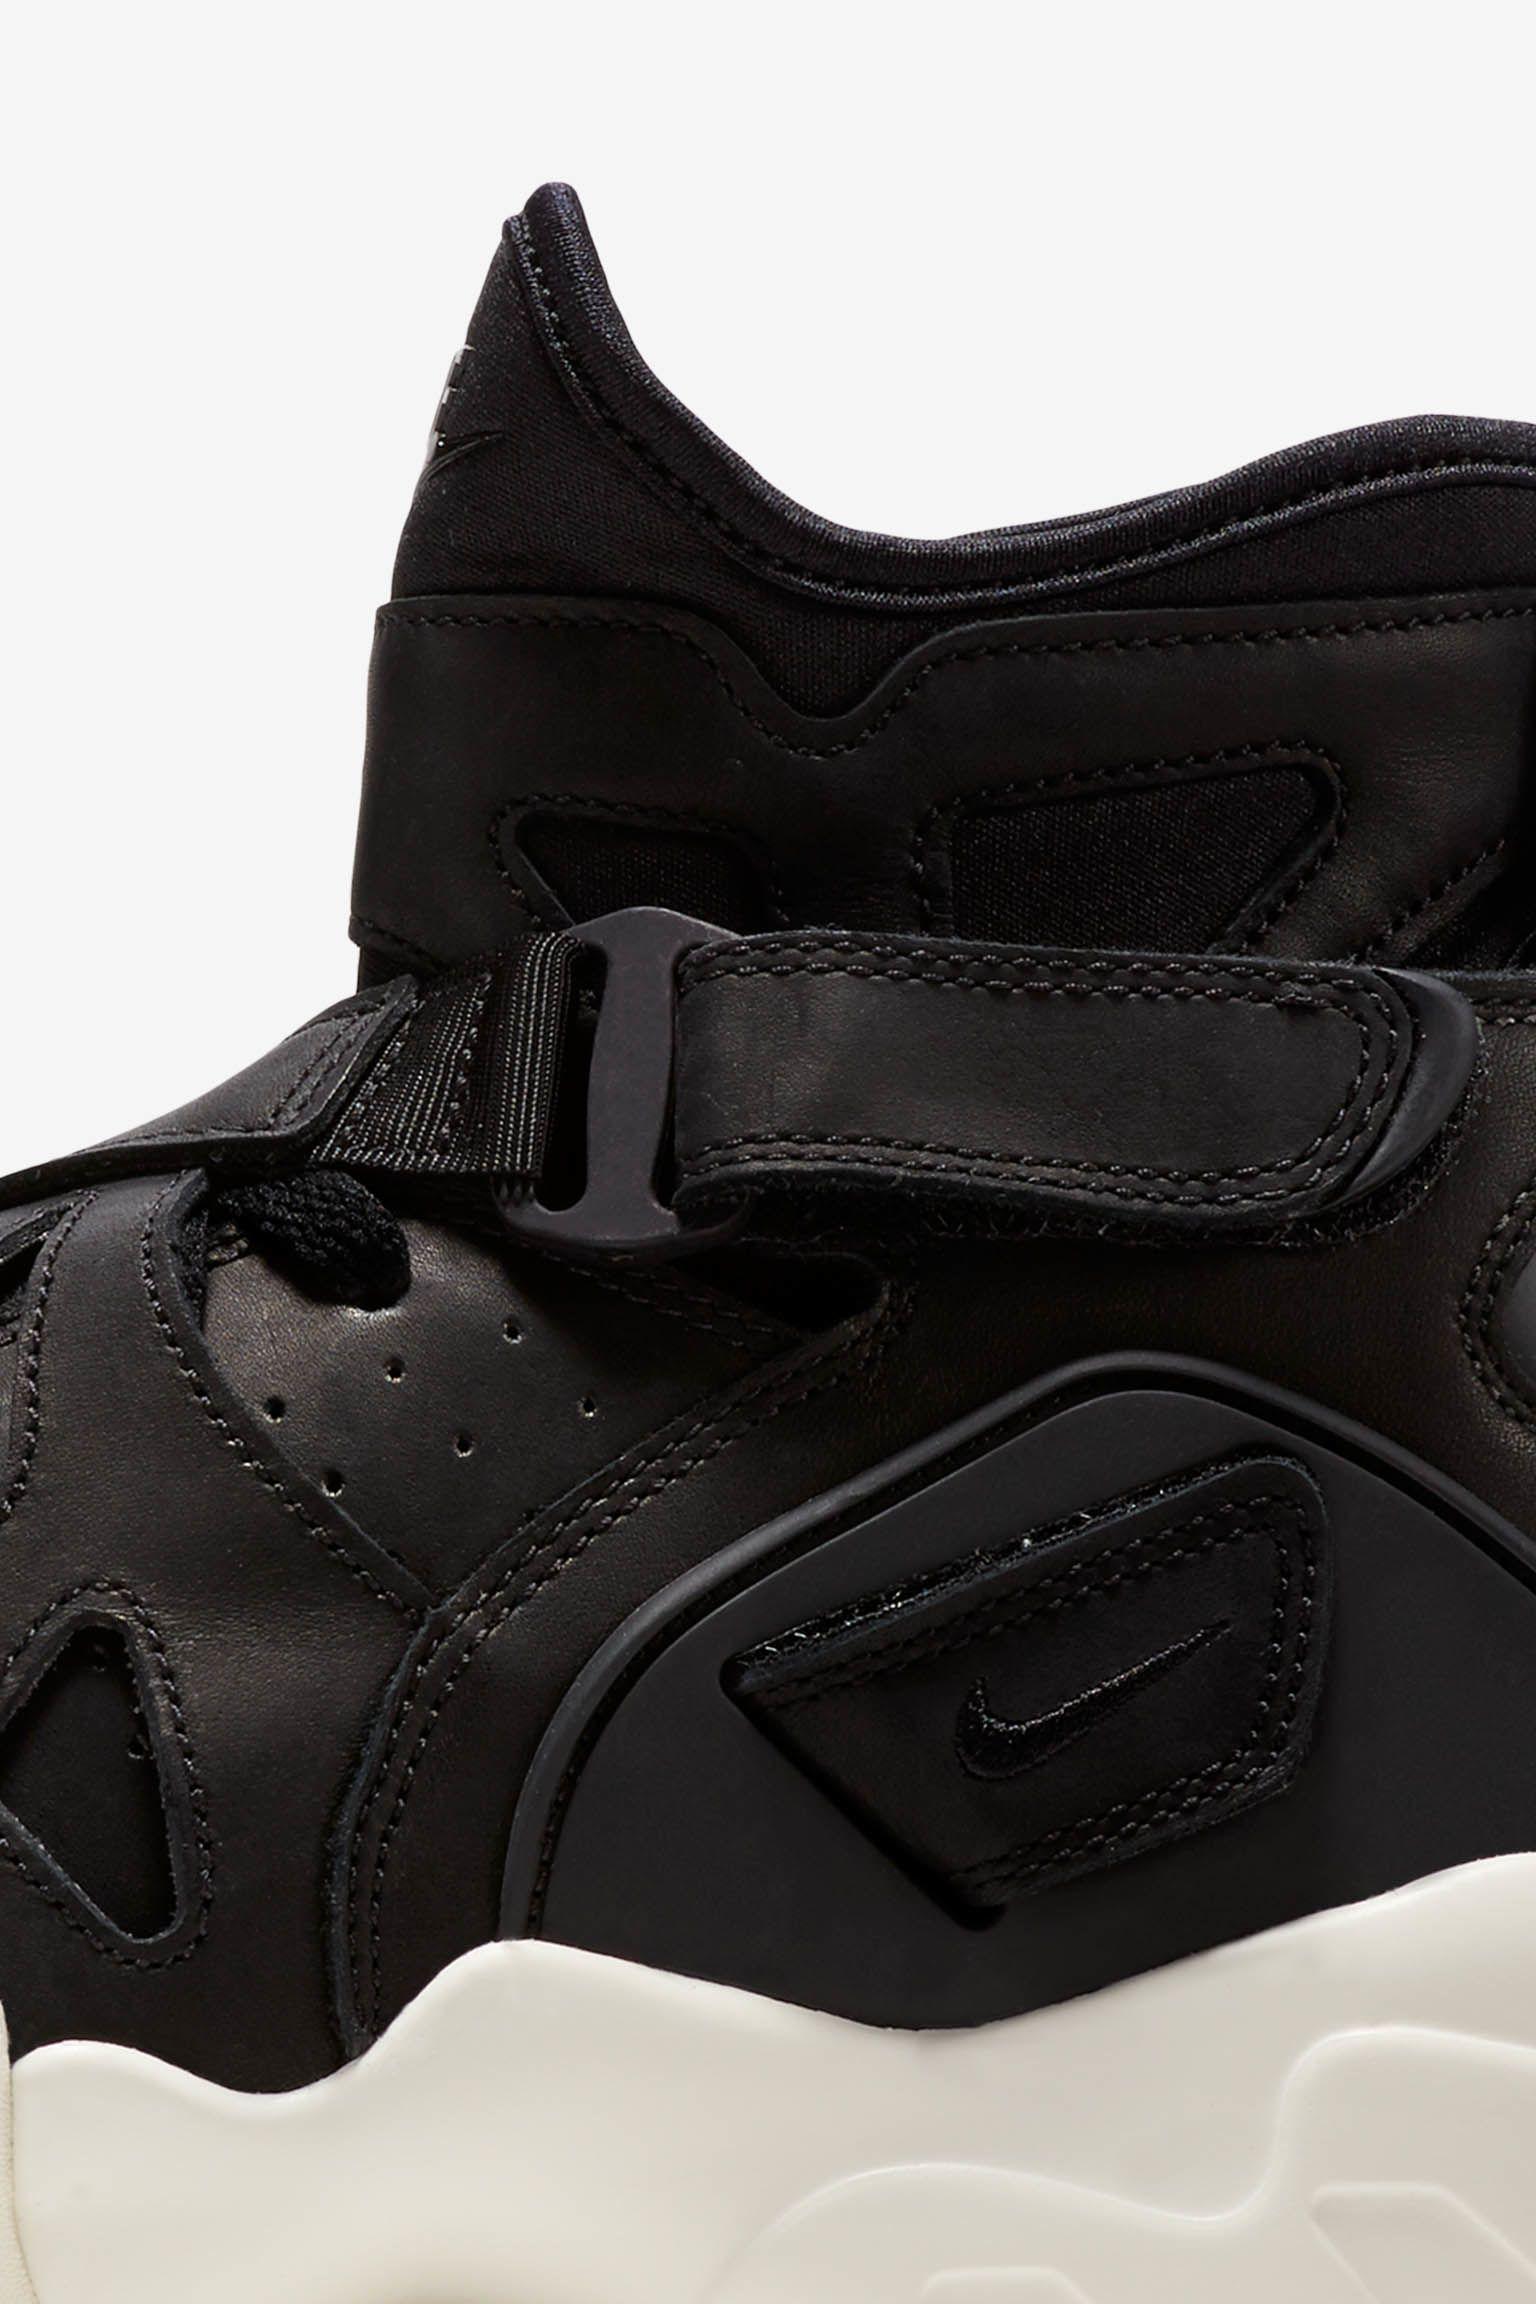 NikeLab Air Unlimited 'Triple Black' Release Date